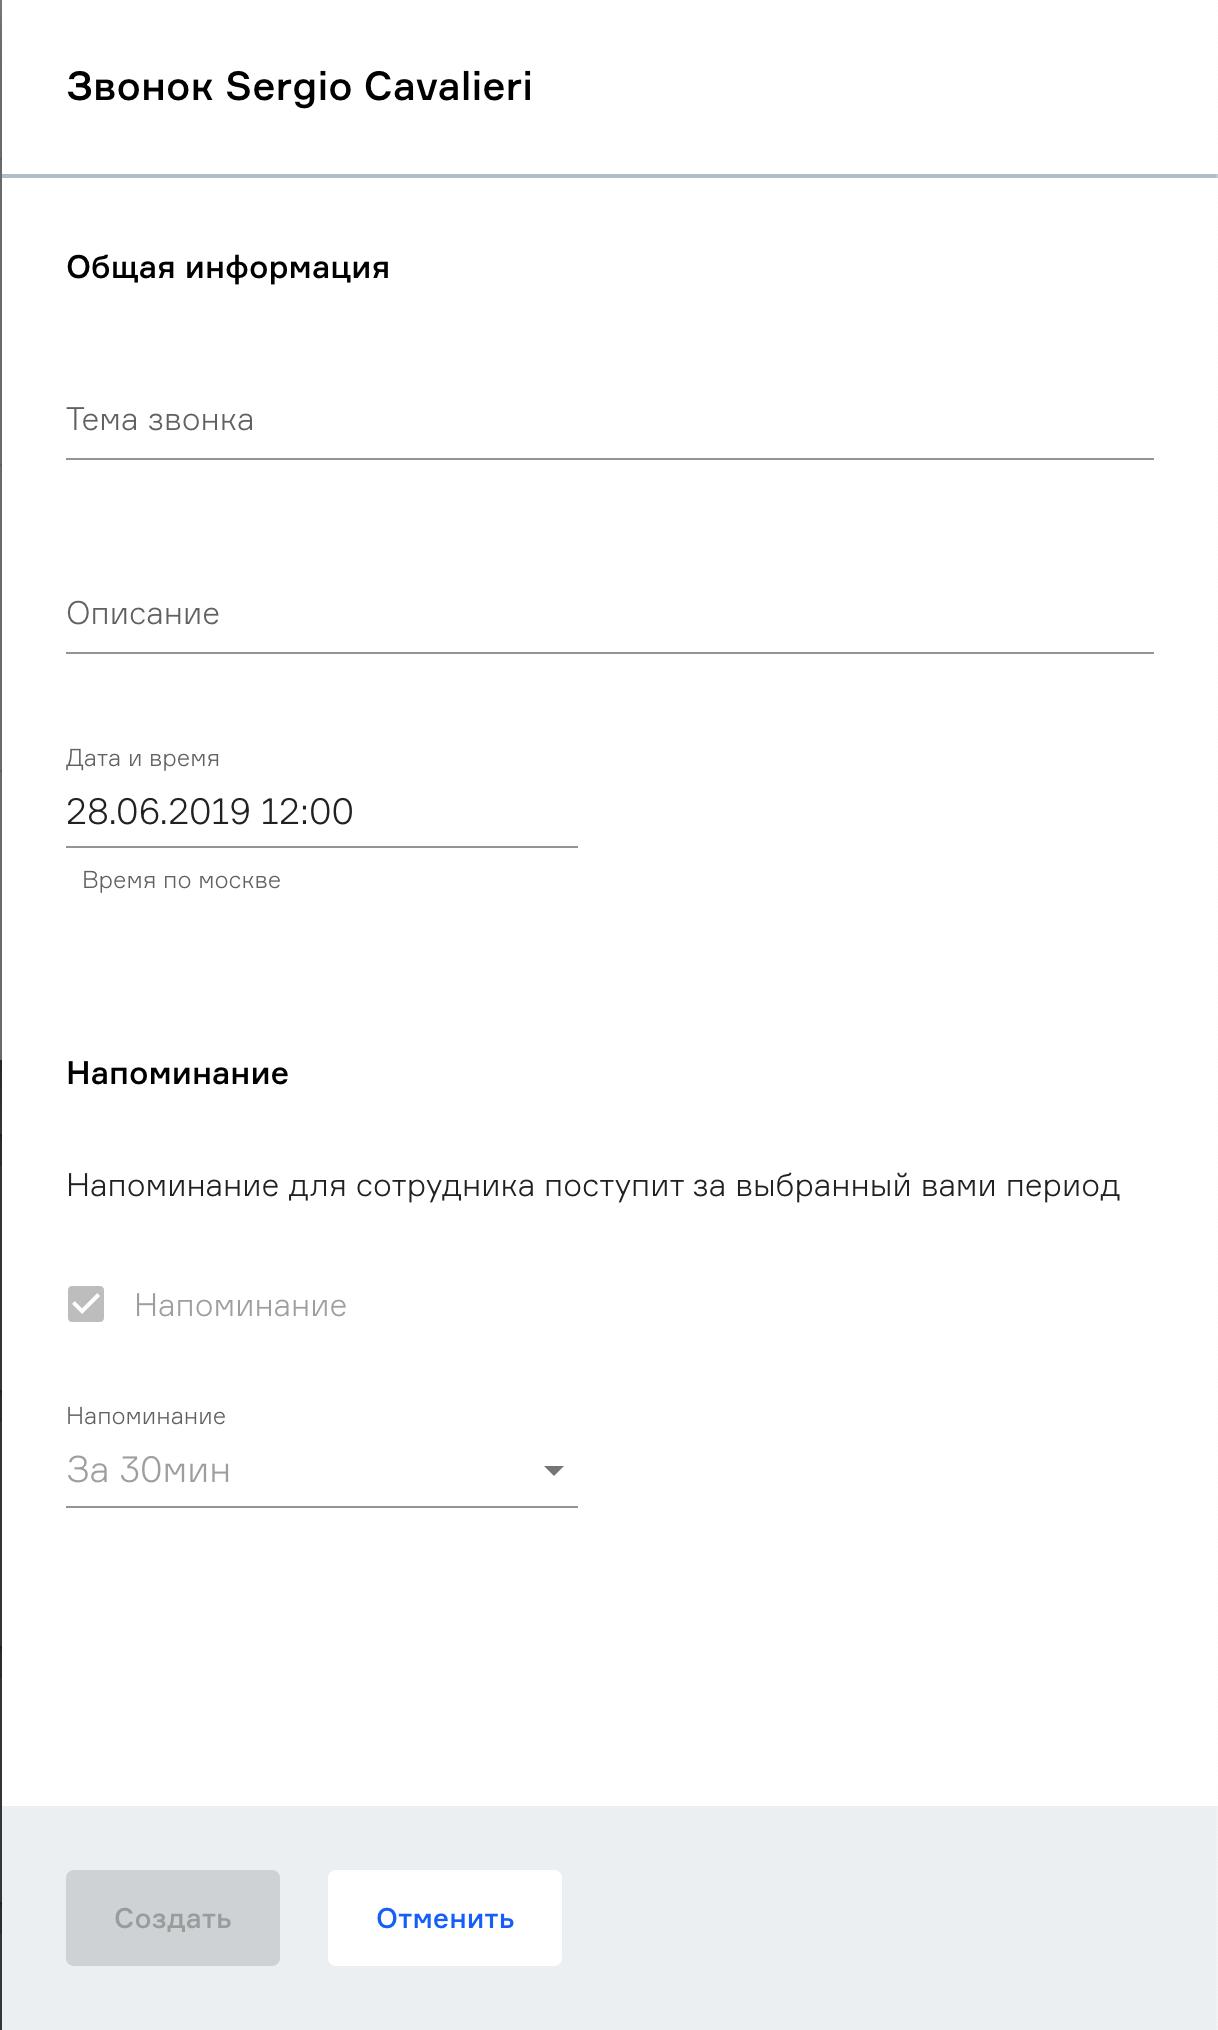 Повторное использование форм на React / Блог компании ФГ БКС